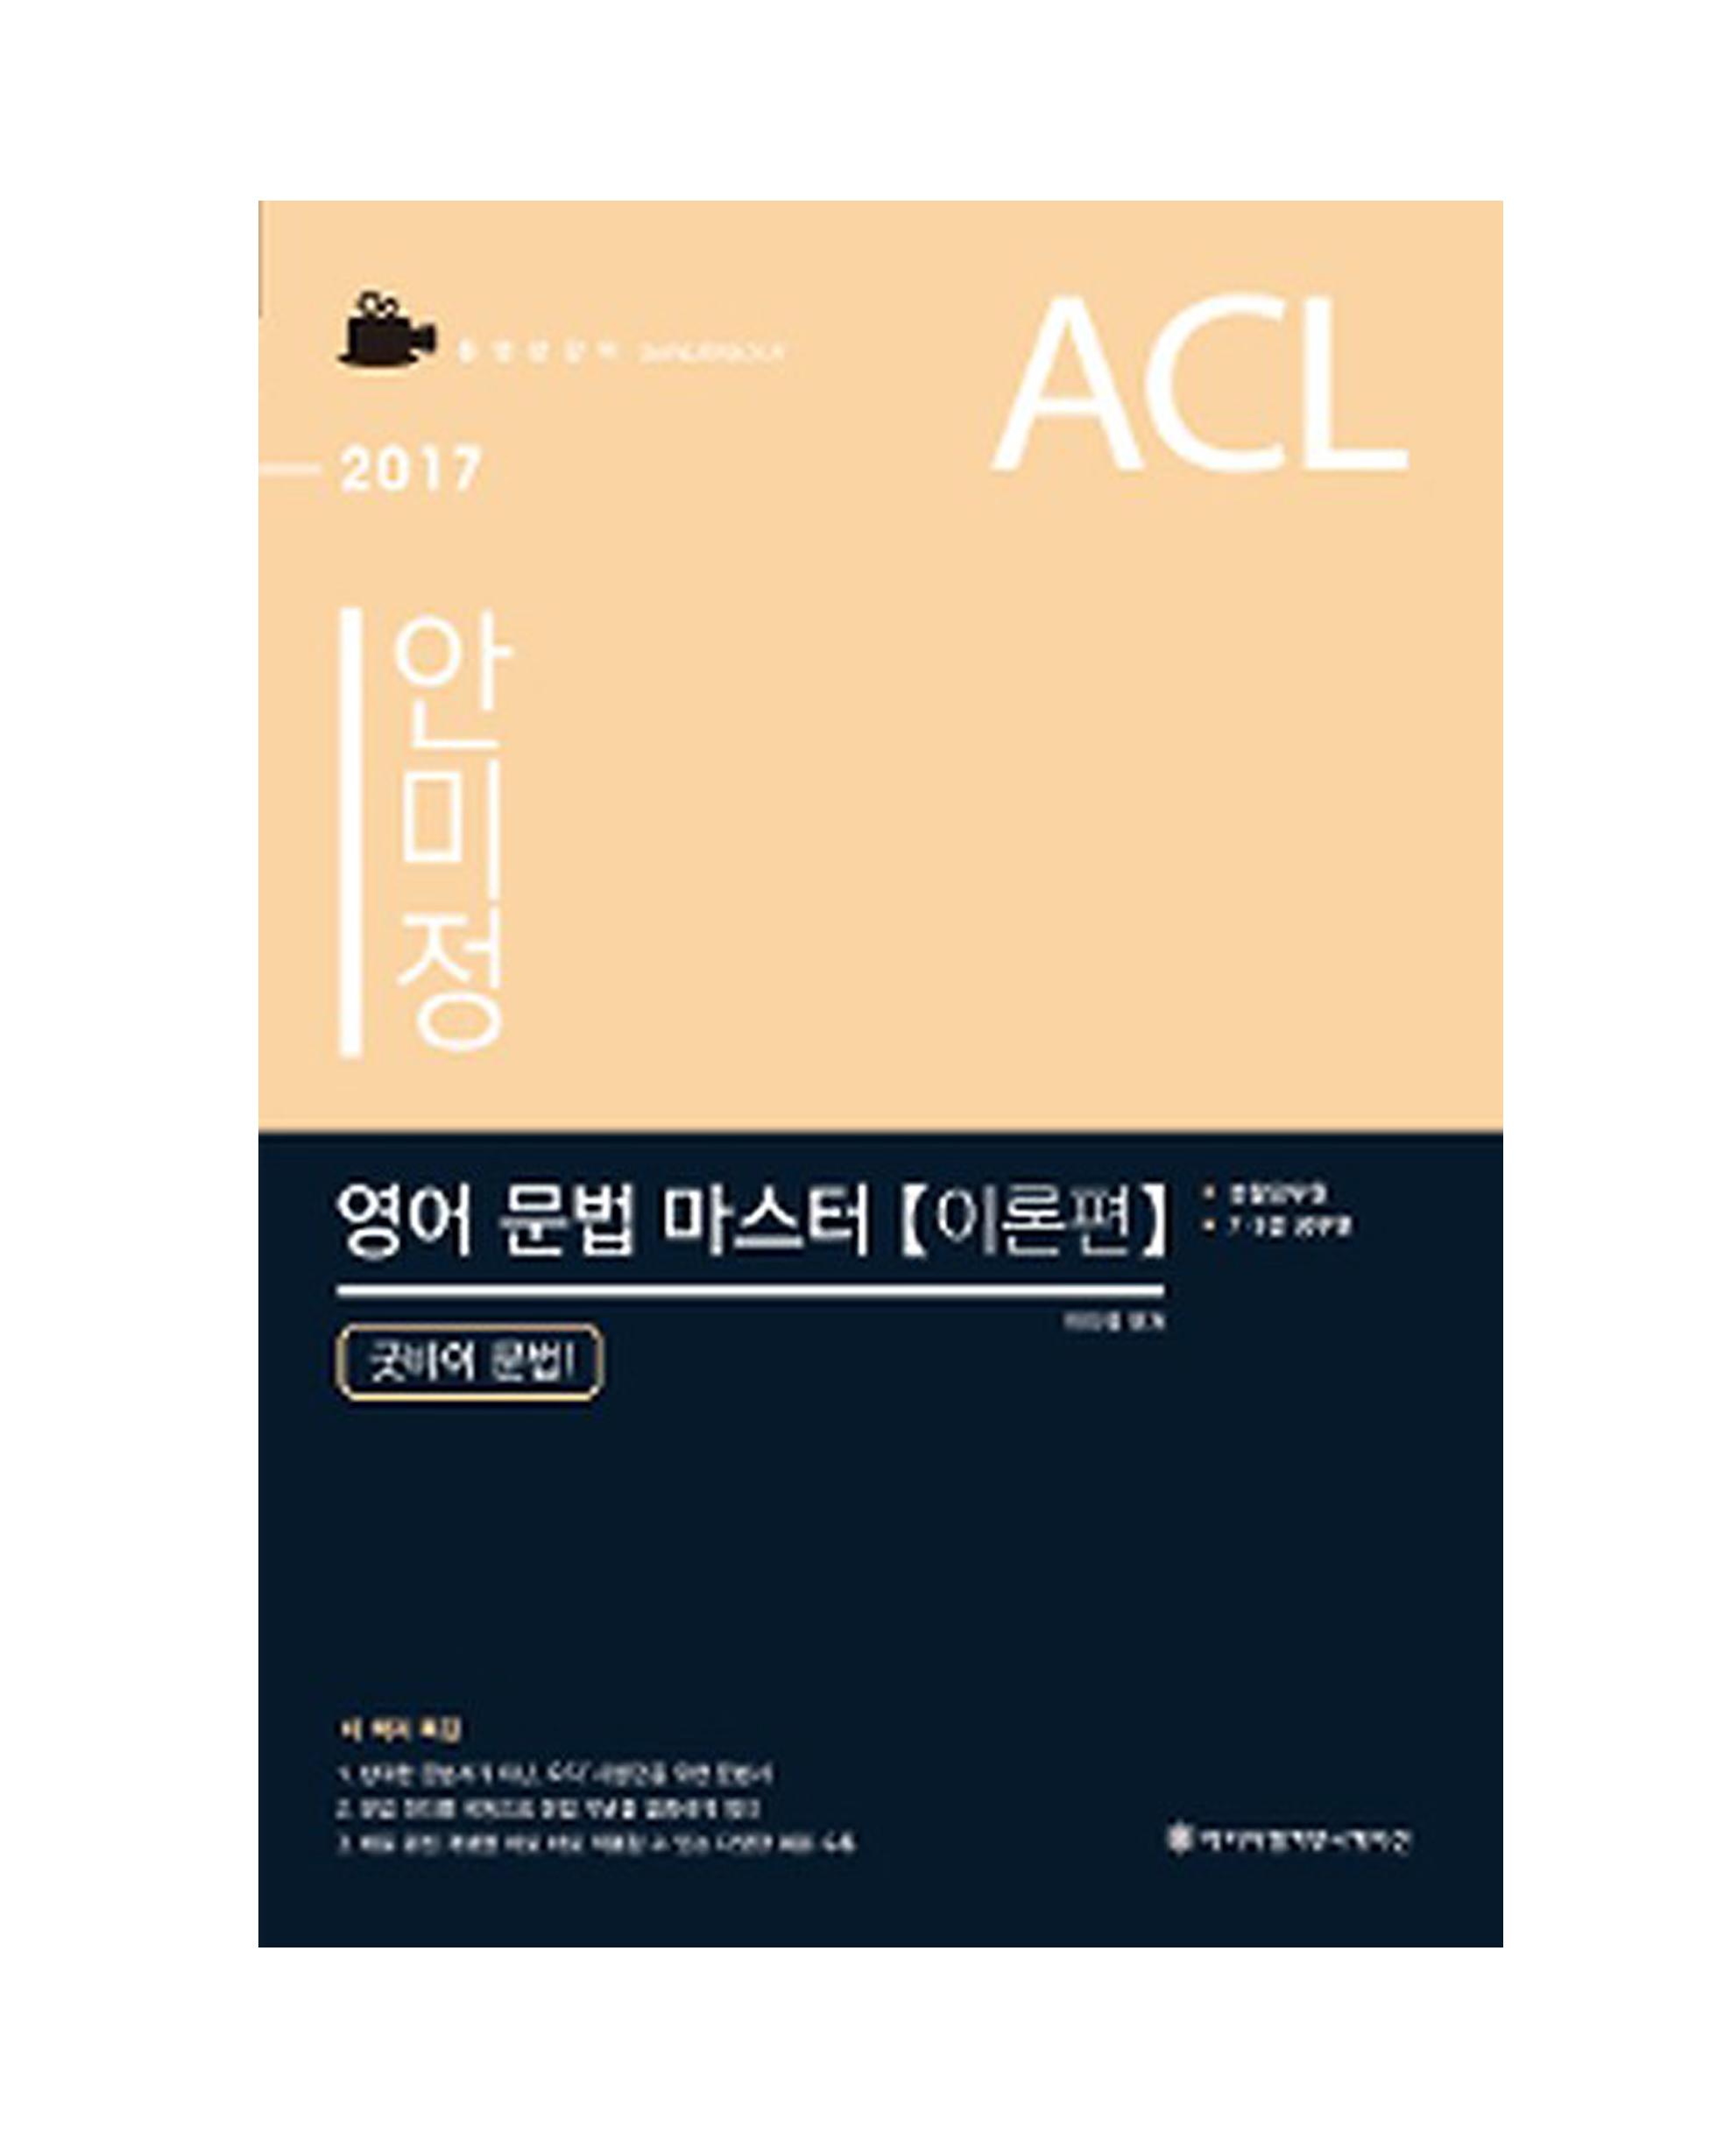 2017 ACL 안미정 영어 문법 마스터